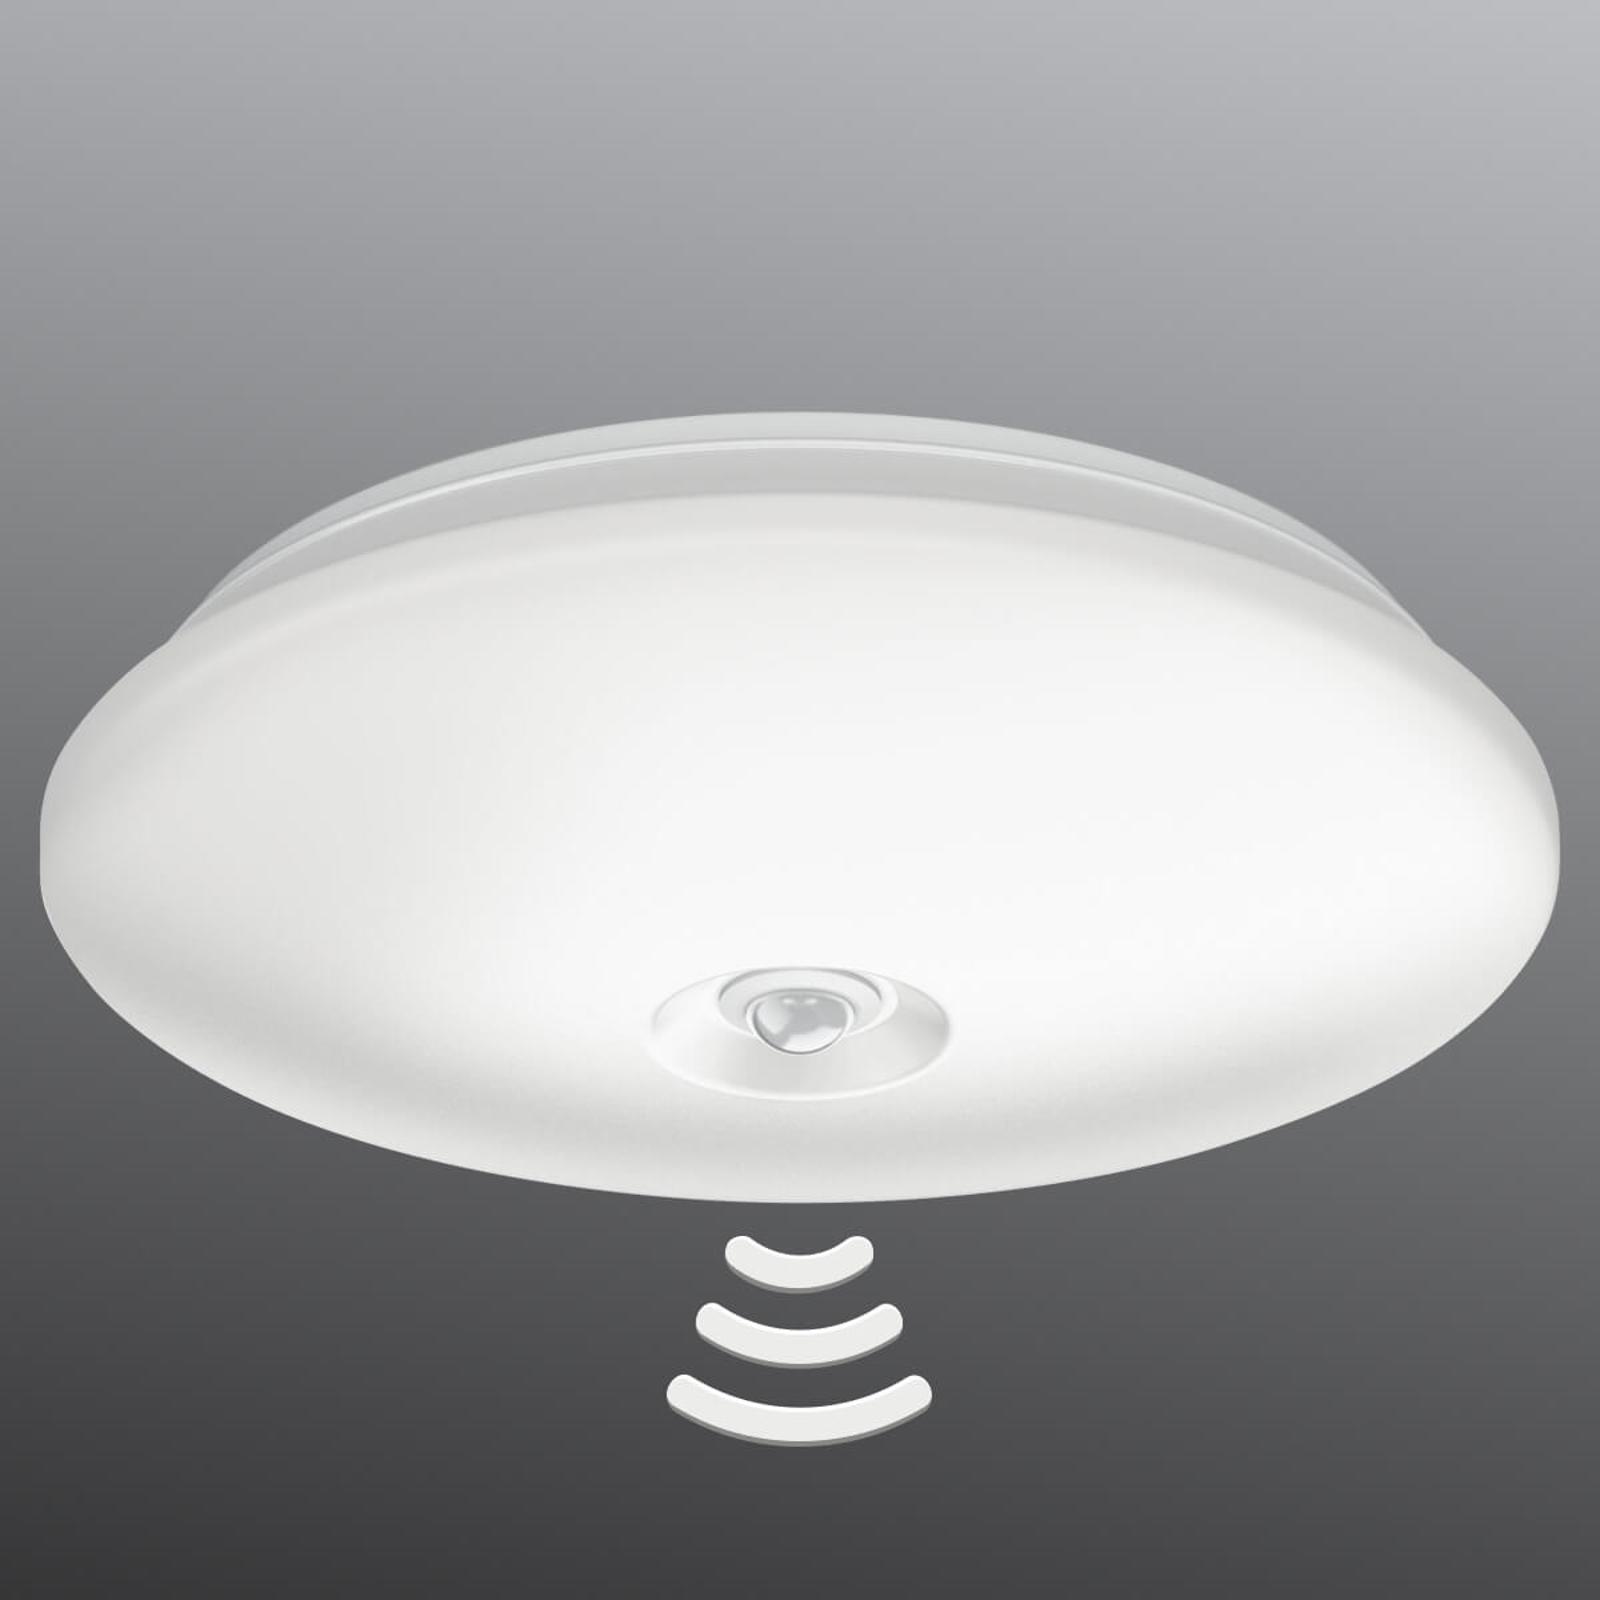 Lampa sufitowa LED Mauve z czujnikiem IR, Ø 32 cm